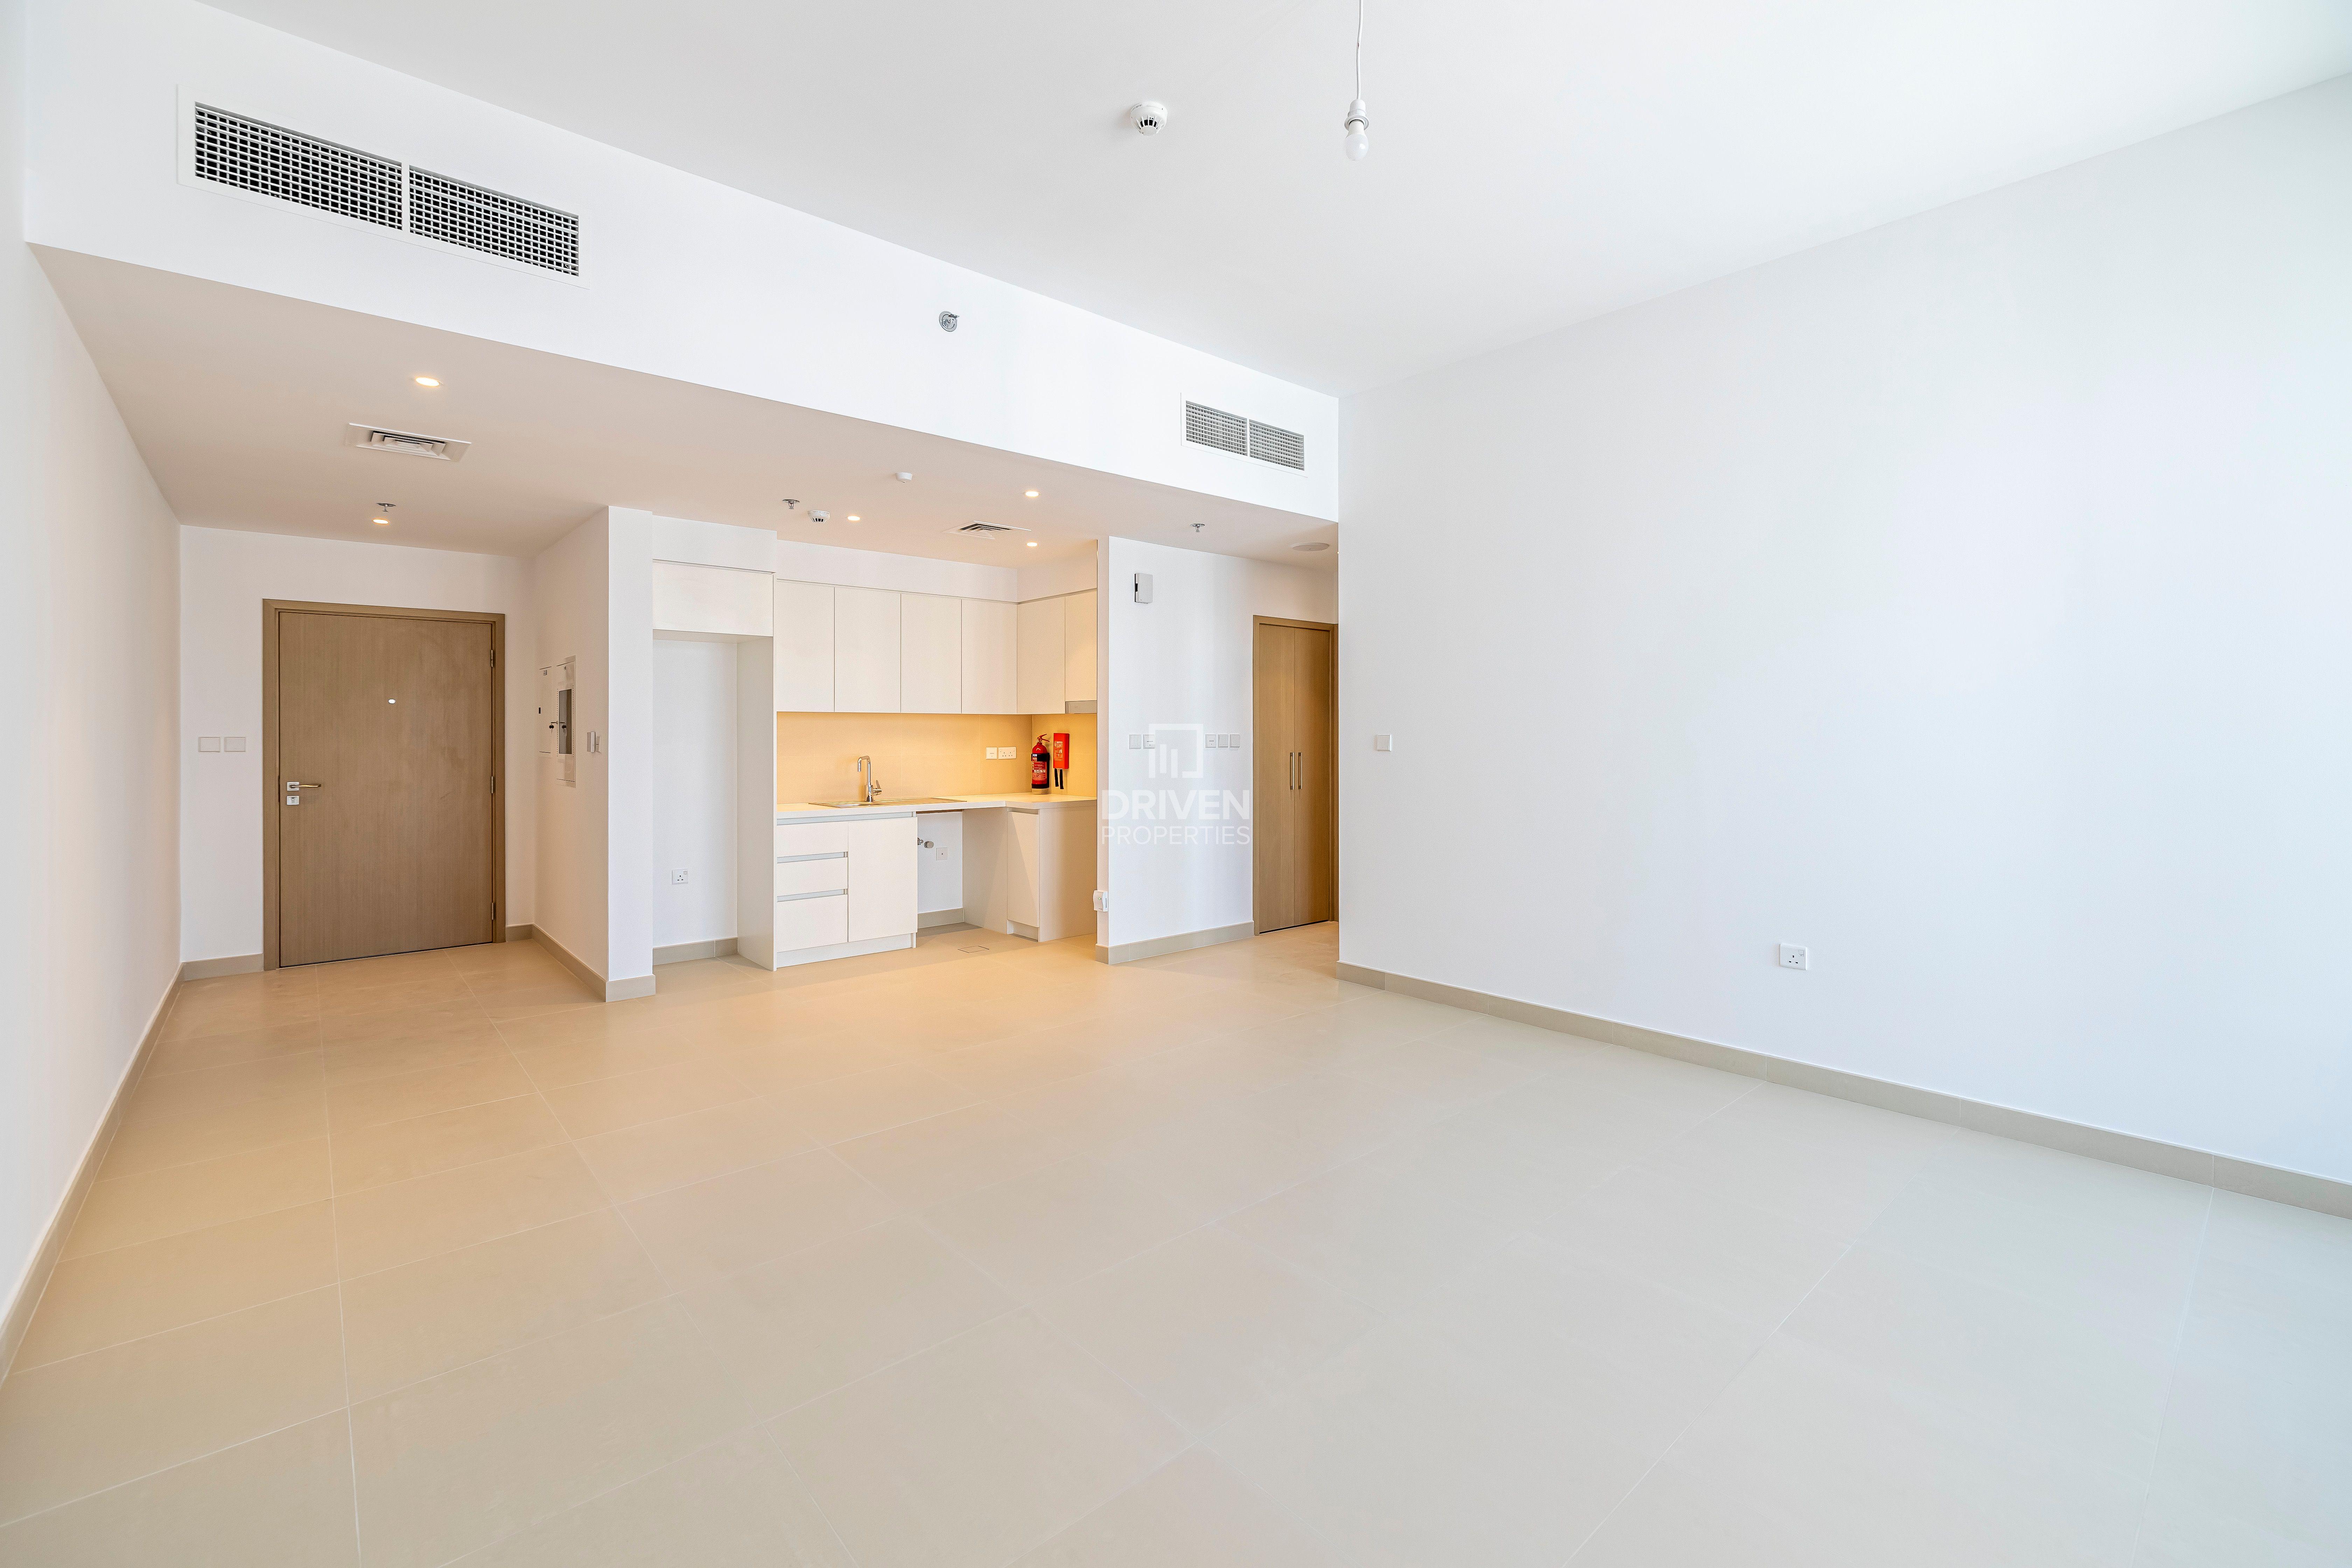 776 قدم مربع  شقة - للبيع - ميناء خور دبي